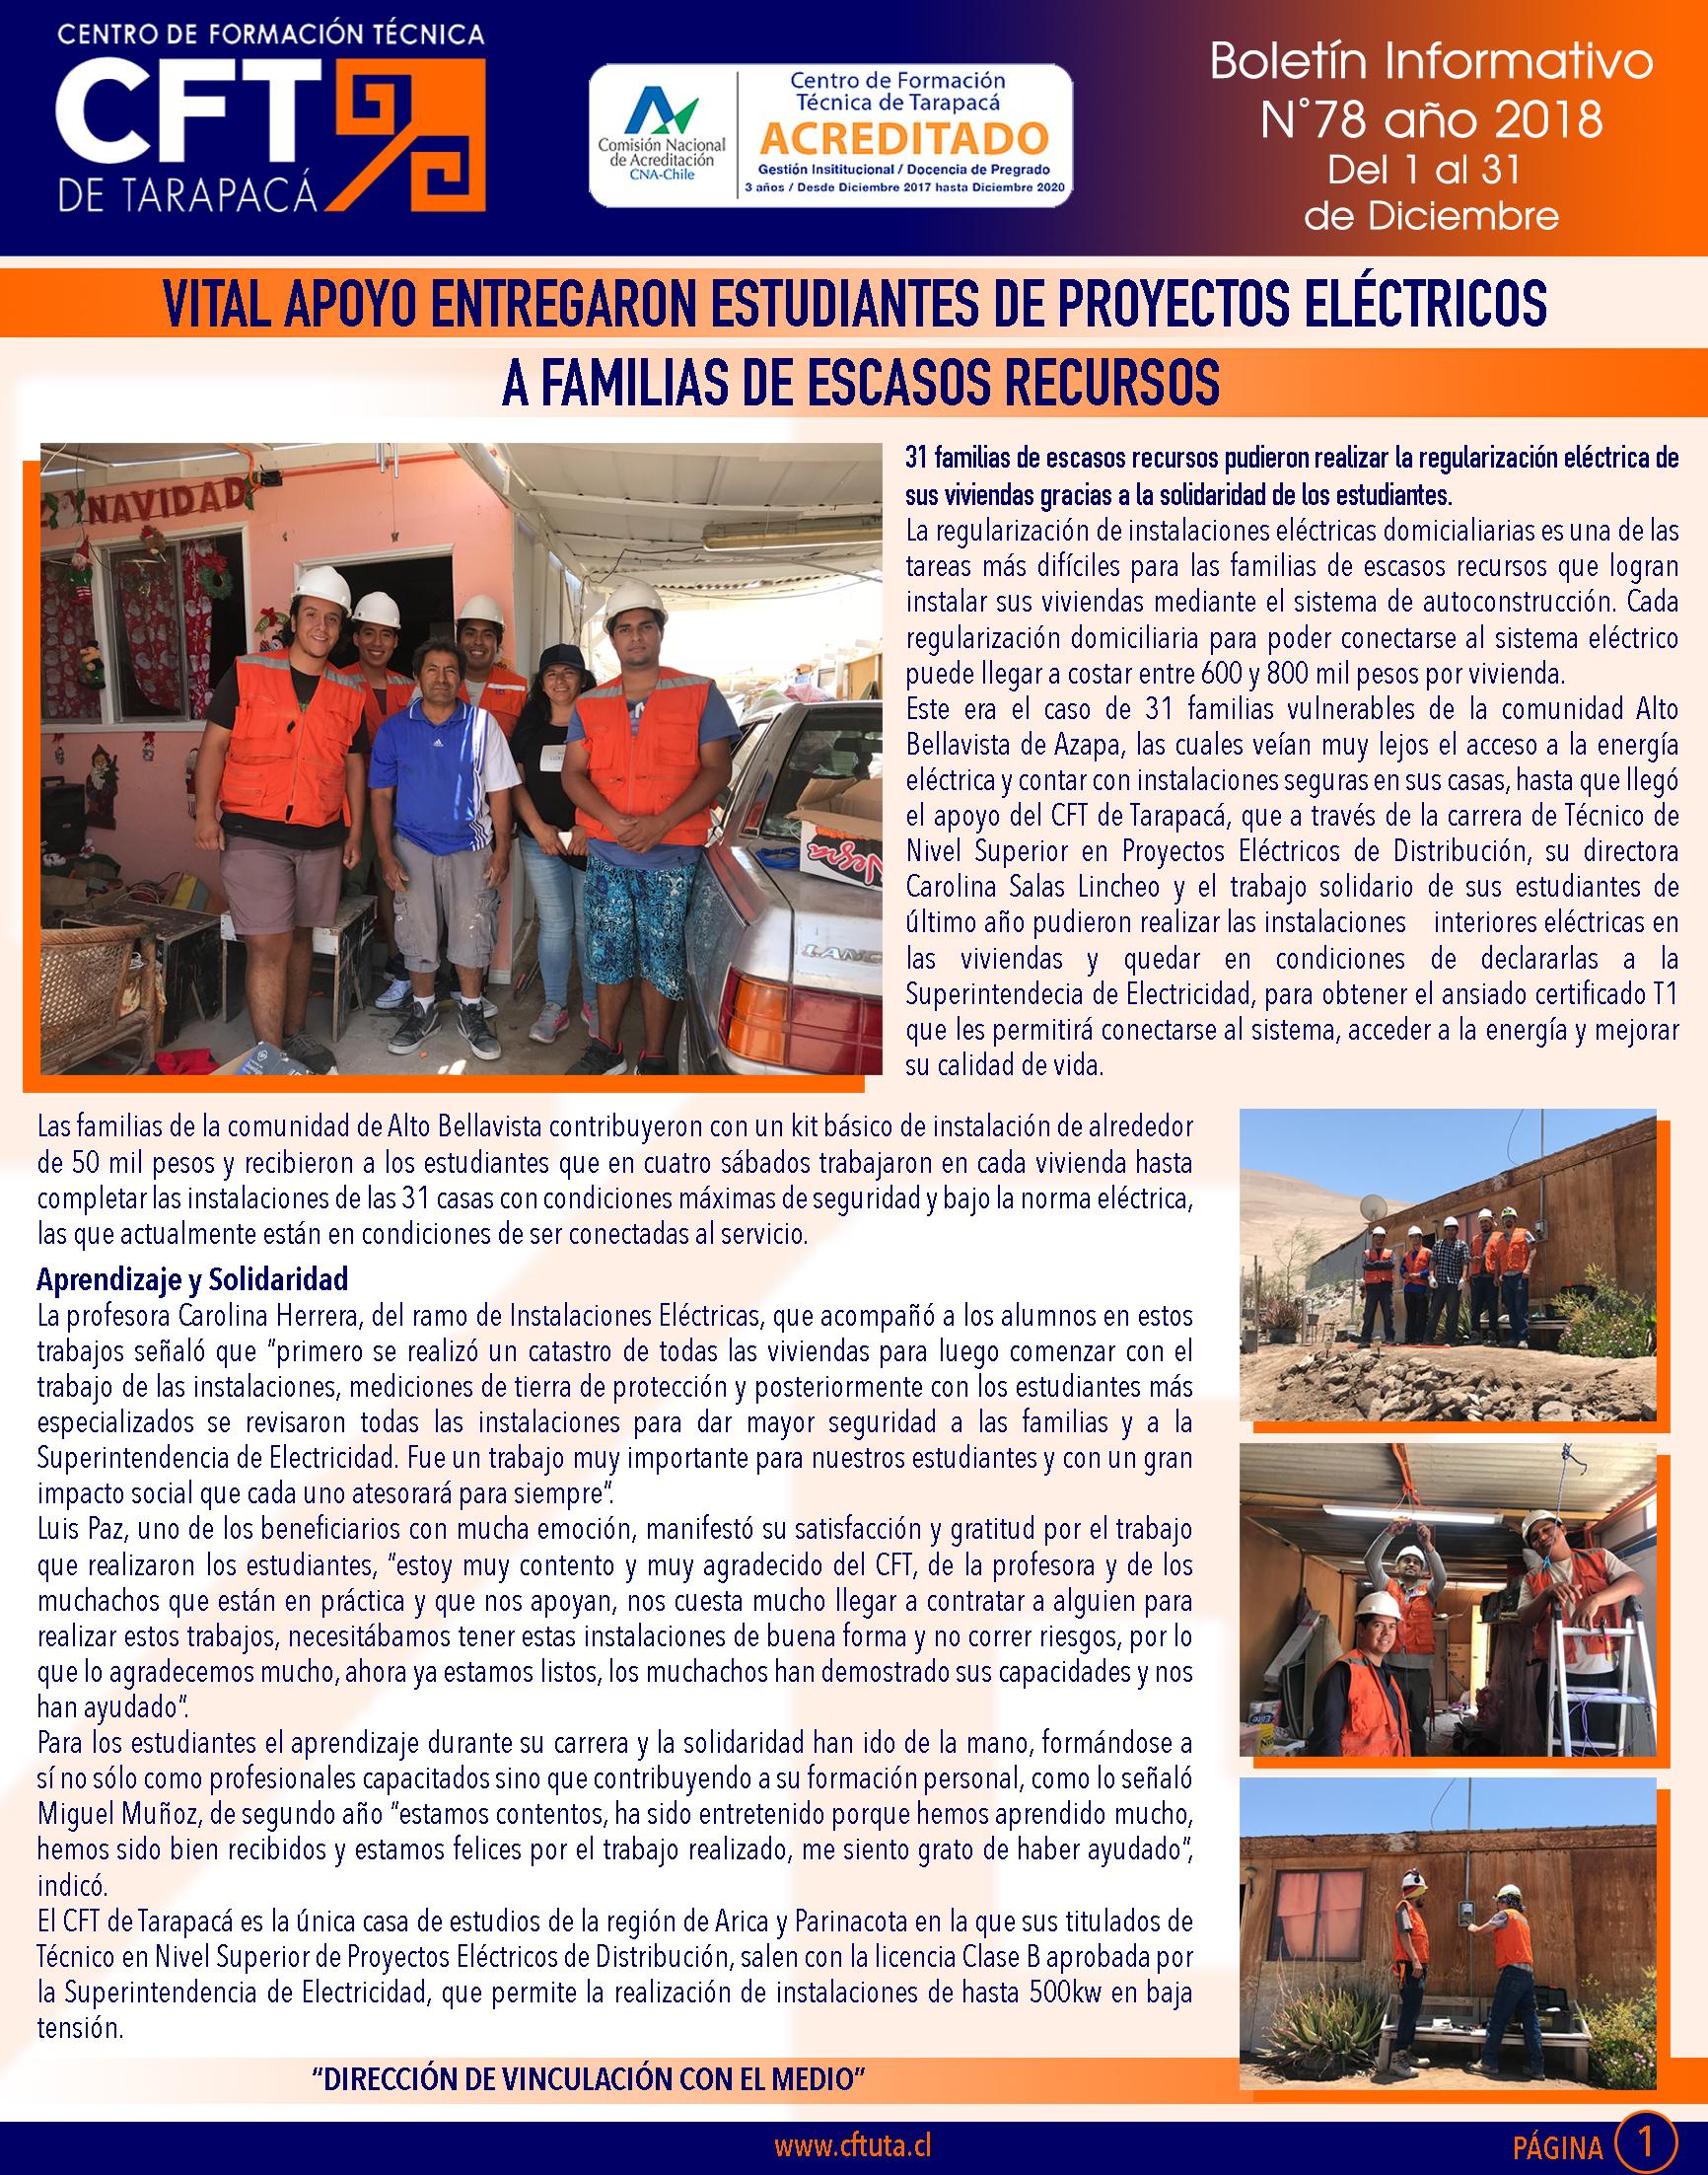 Boletín N°78 CFT de Tarapacá1